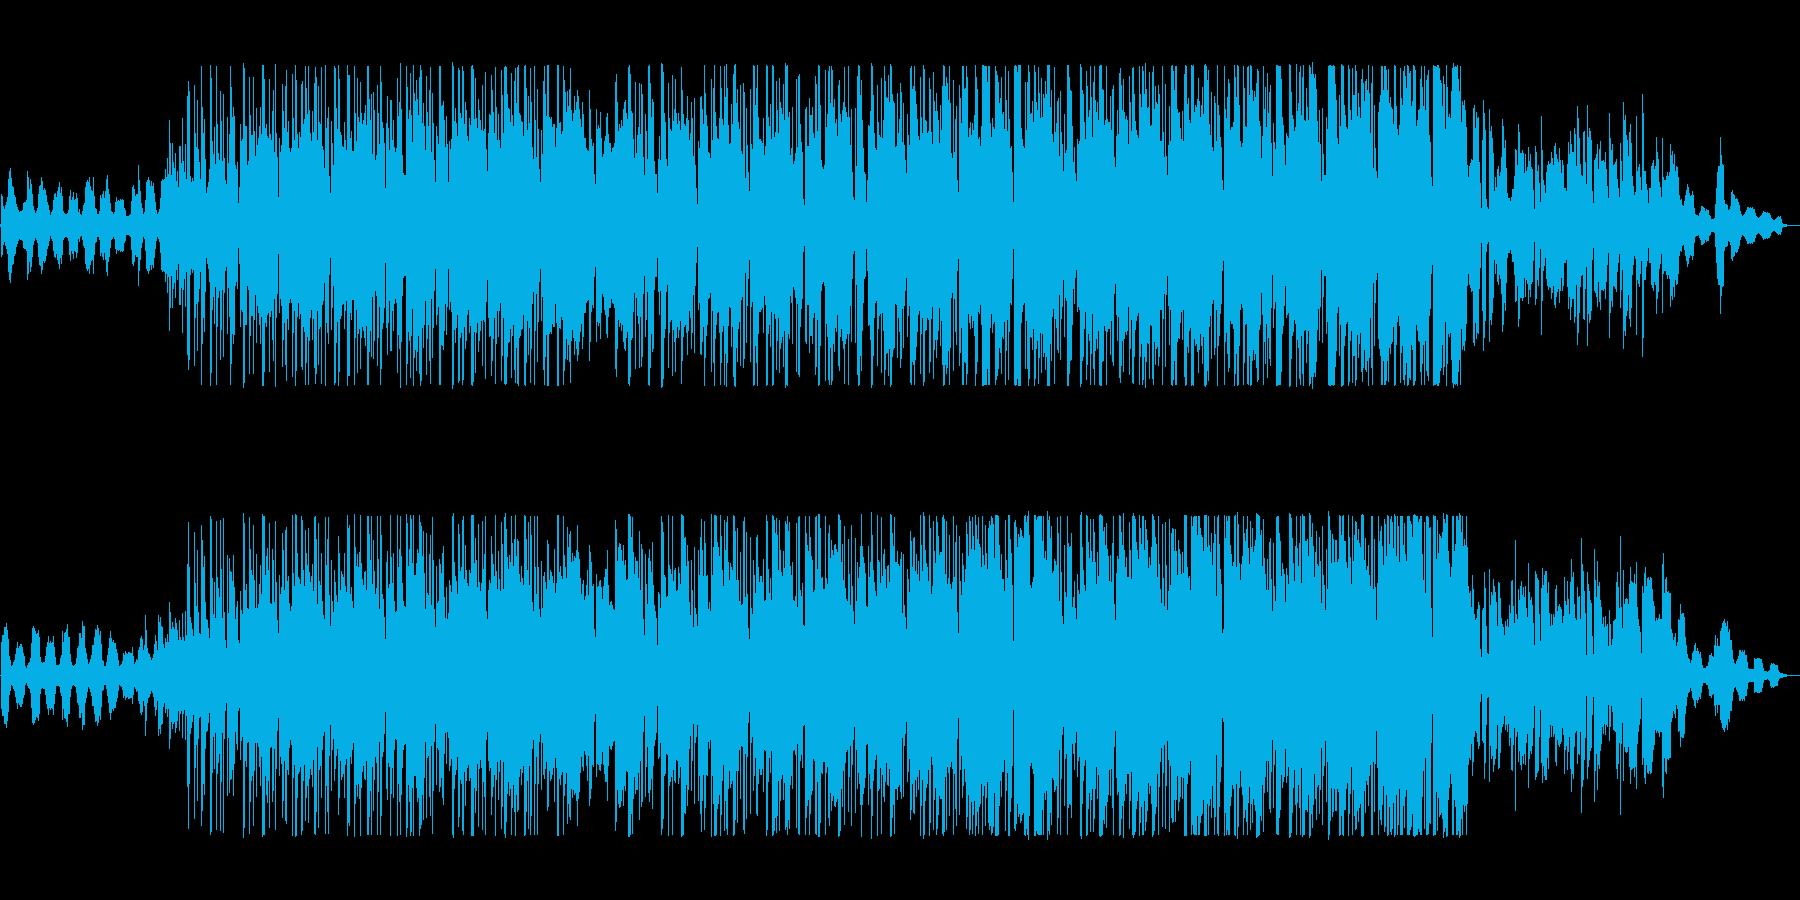 爽やかで軽快な明るくポップな曲の再生済みの波形